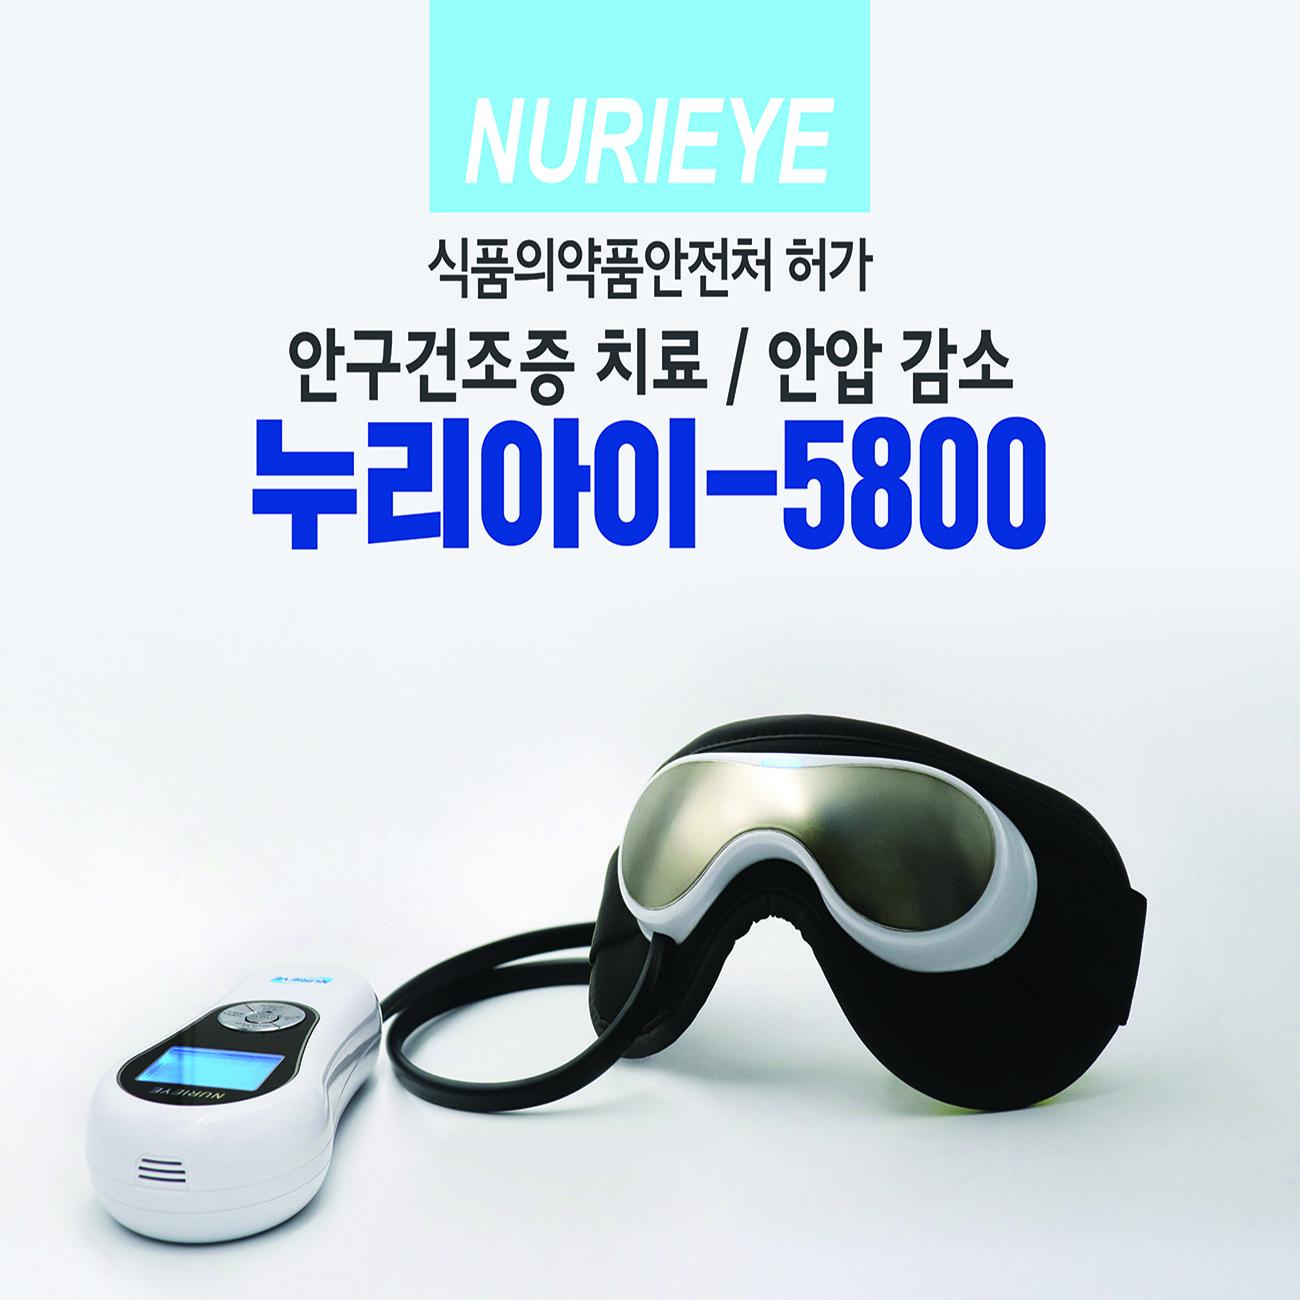 누리아이 안구건조증 치료의료기기 5800 눈마사지기 (시트지 1 BOX 증정), nurieye-5800